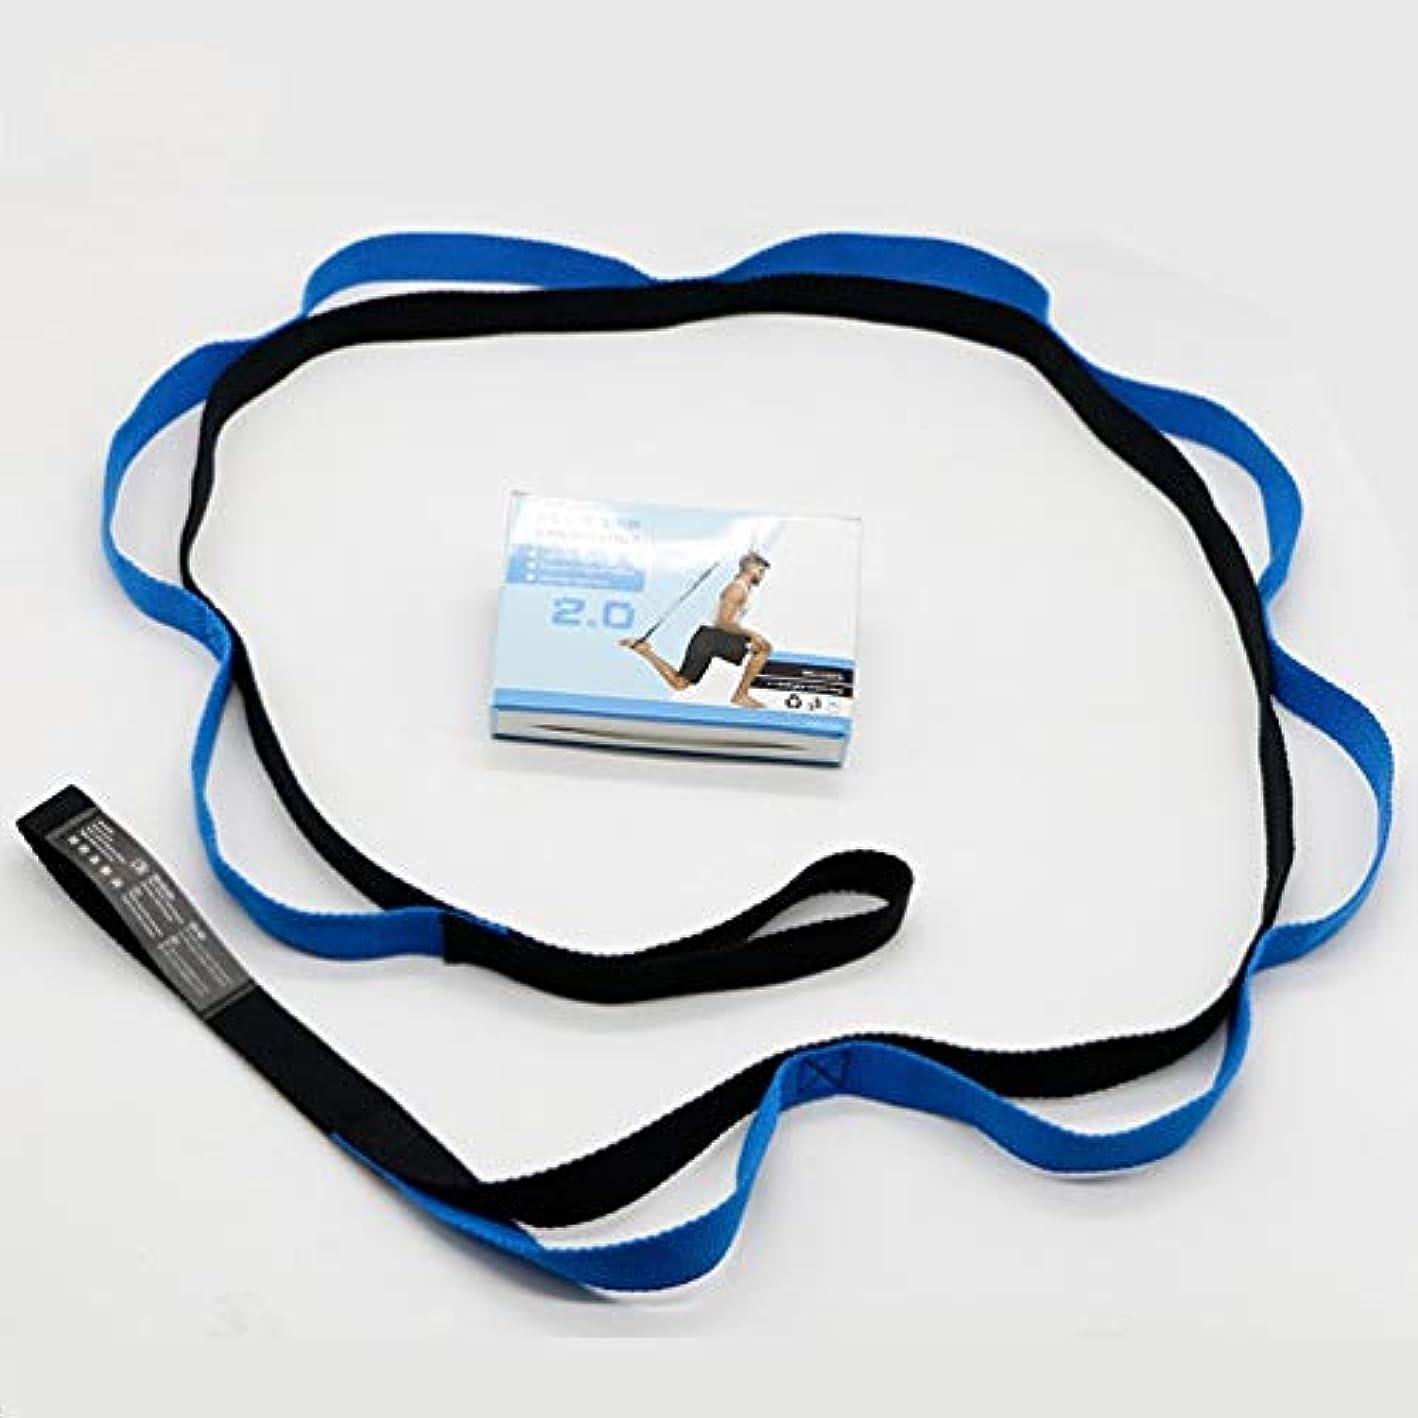 急いで白い販売員フィットネスエクササイズジムヨガストレッチアウトストラップ弾性ベルトウエストレッグアームエクステンションストラップベルトスポーツユニセックストレーニングベルトバンド - ブルー&ブラック